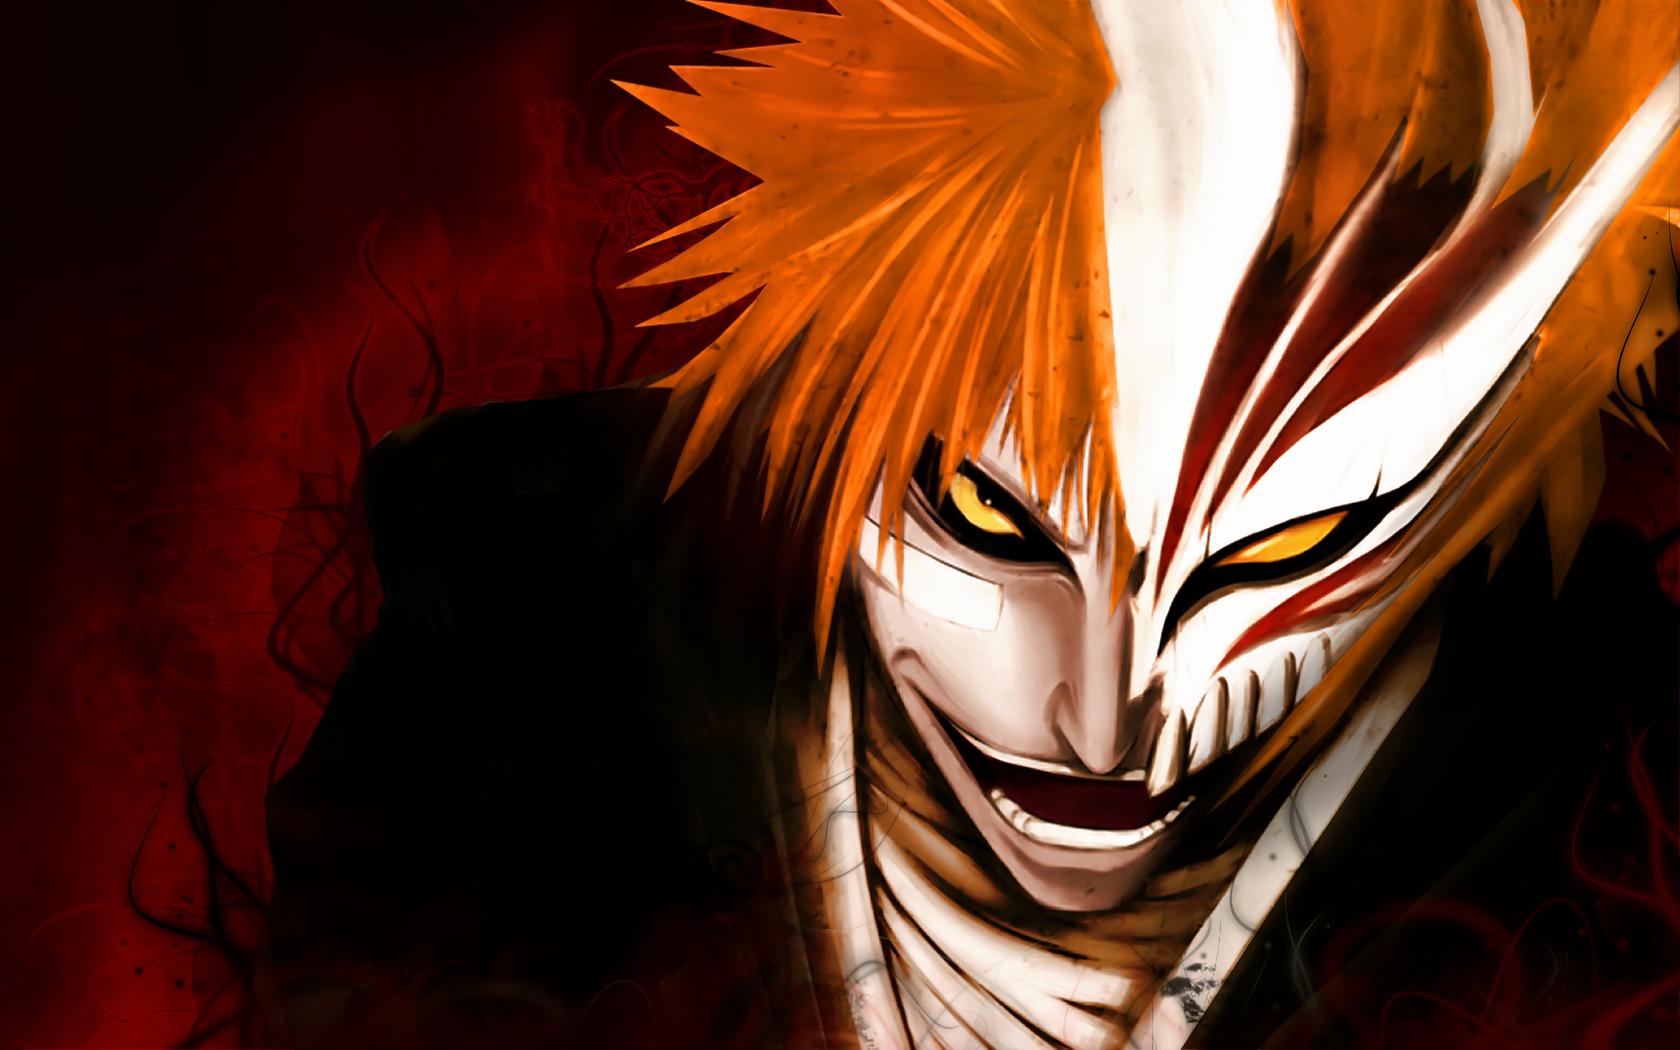 hollow ichigo kurosaki -#main